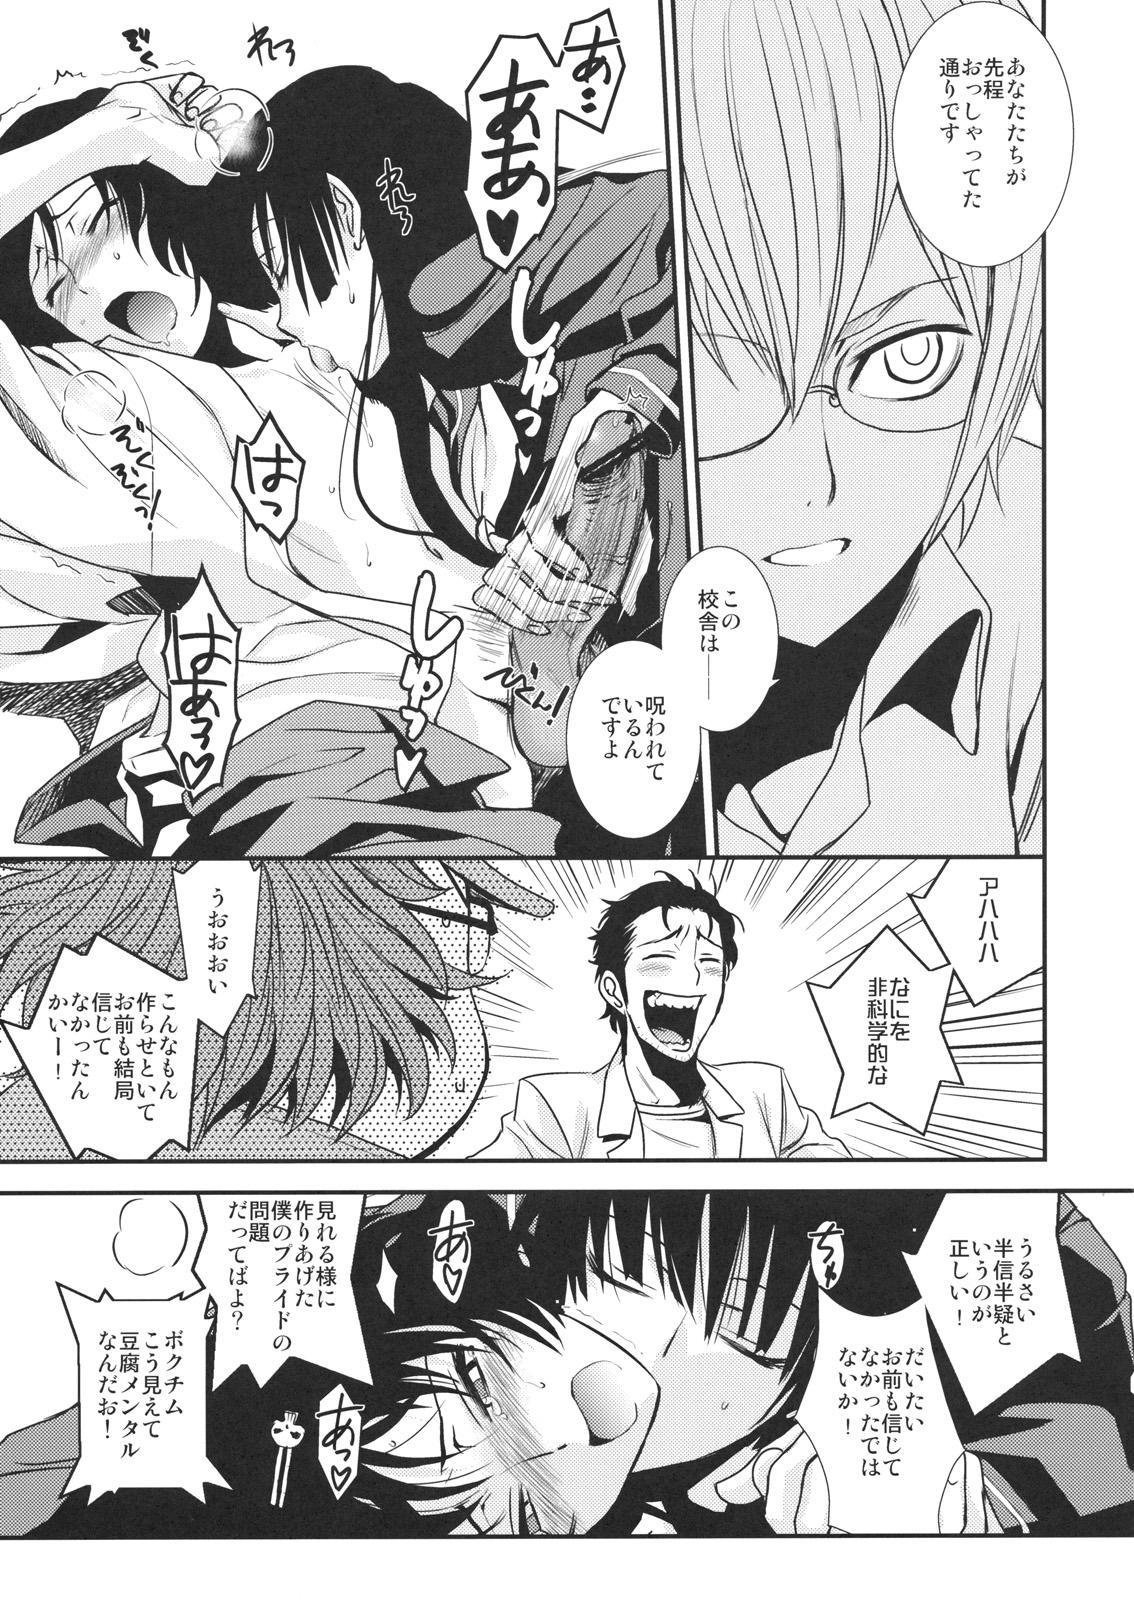 Hontou ni Atta Kowai Hanashi 13